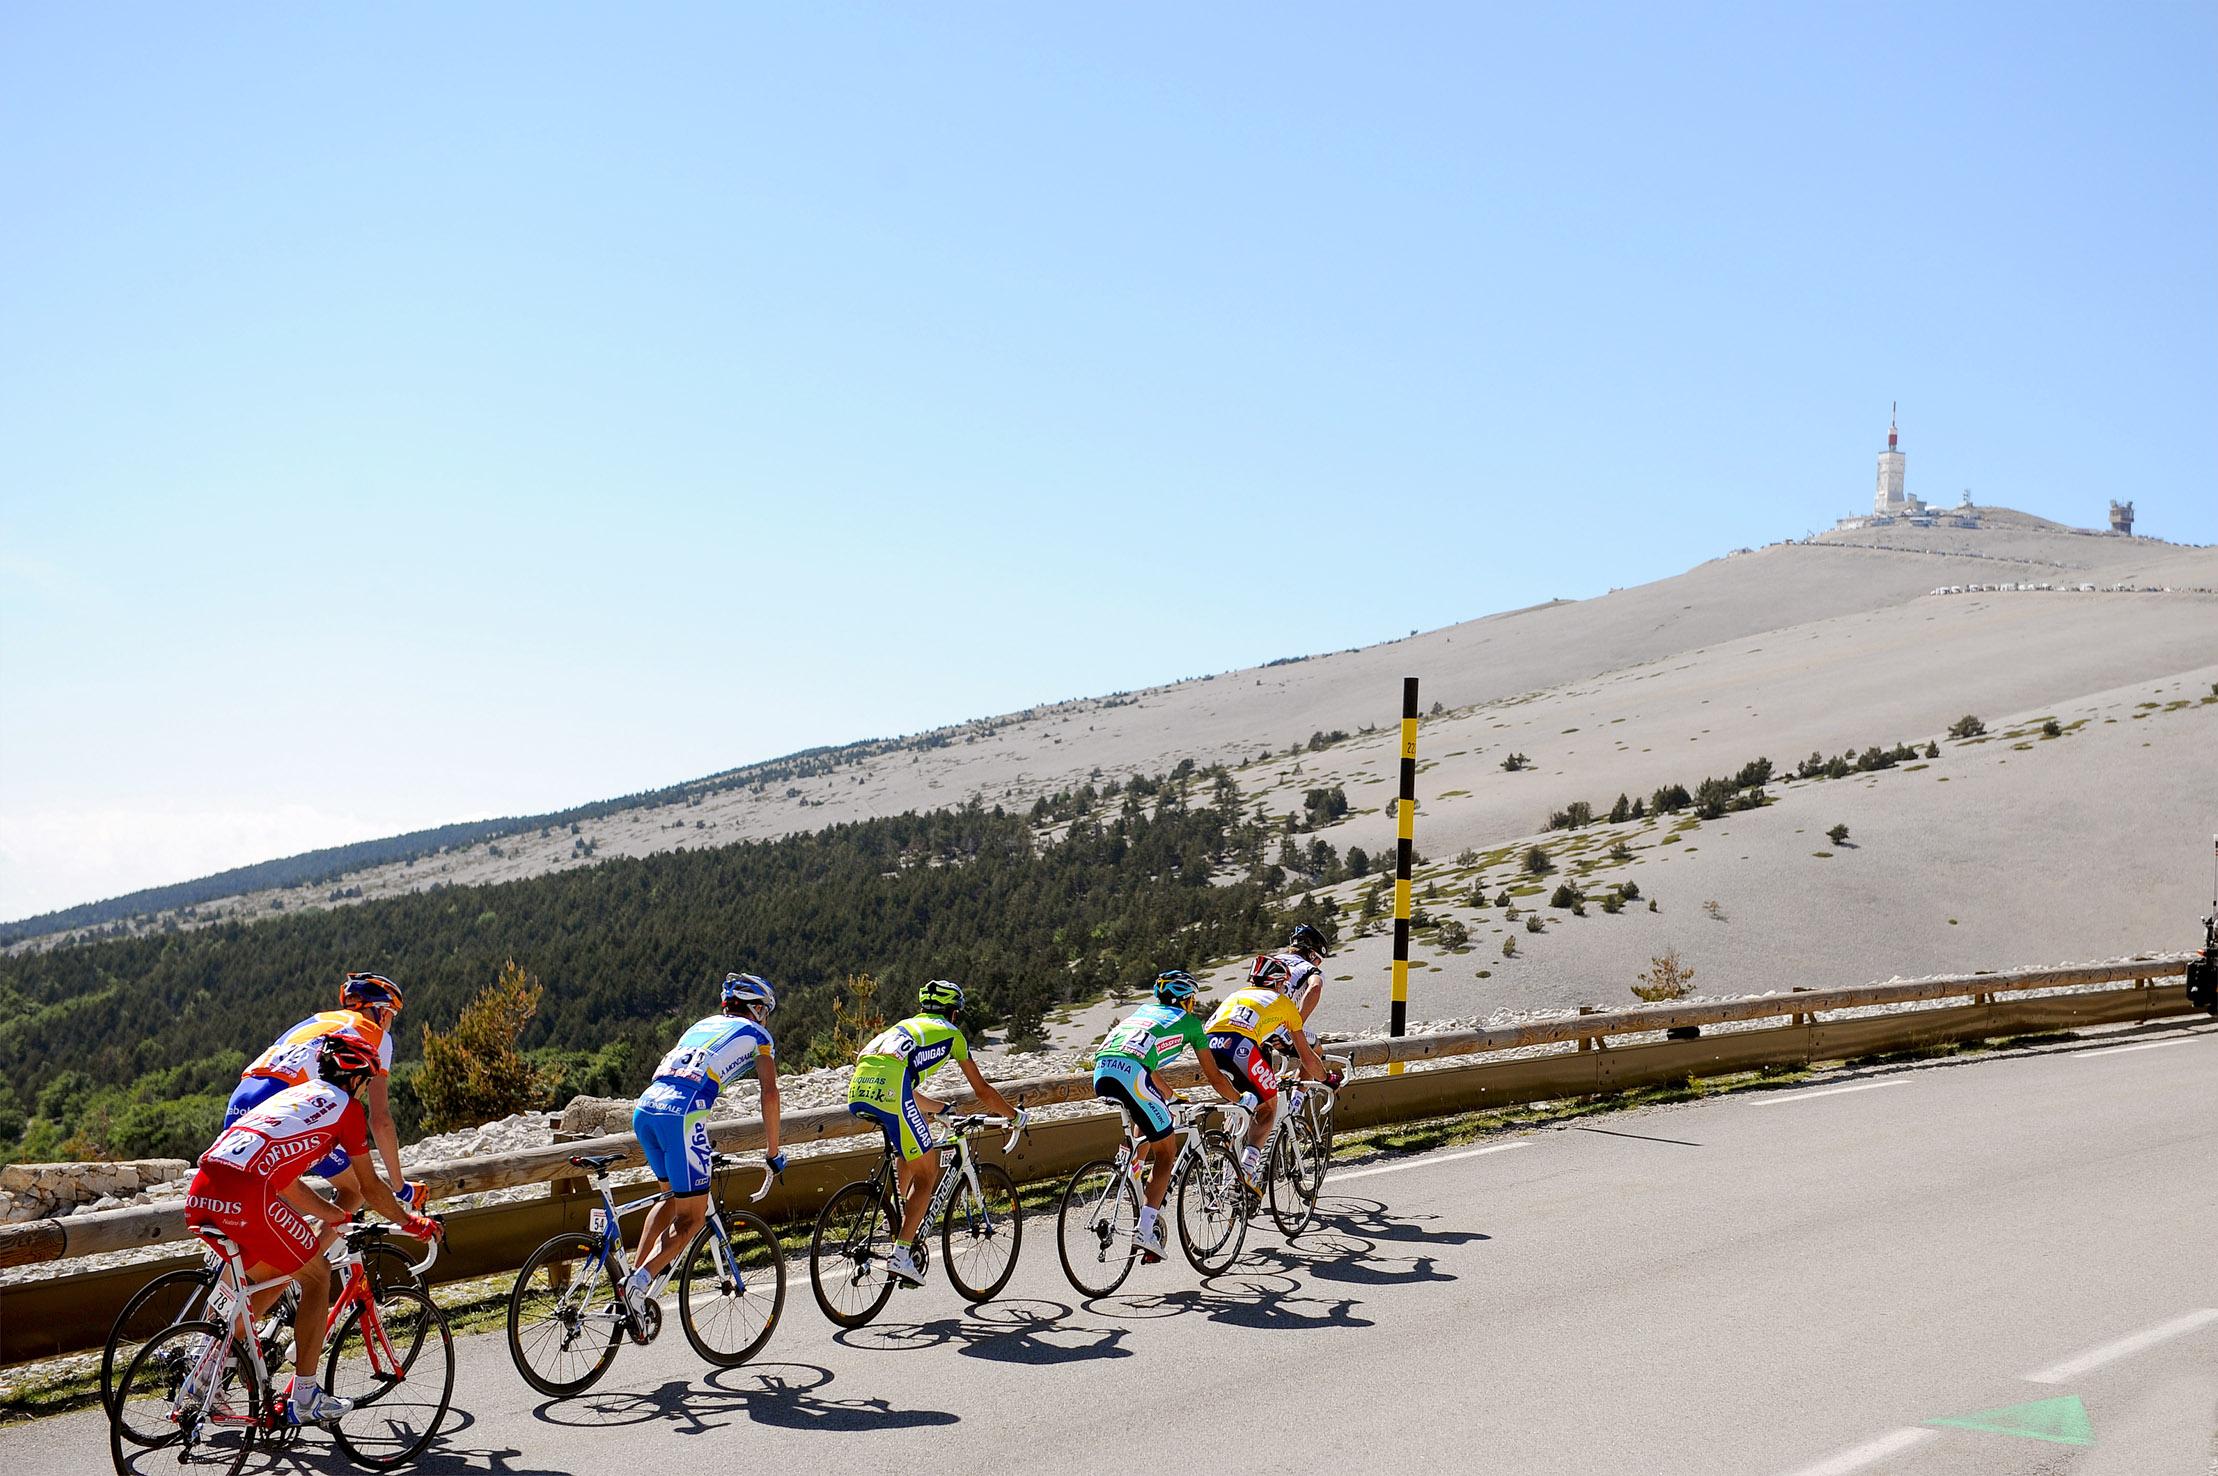 A l'assaut du Ventoux, un mythe du Tour de France!